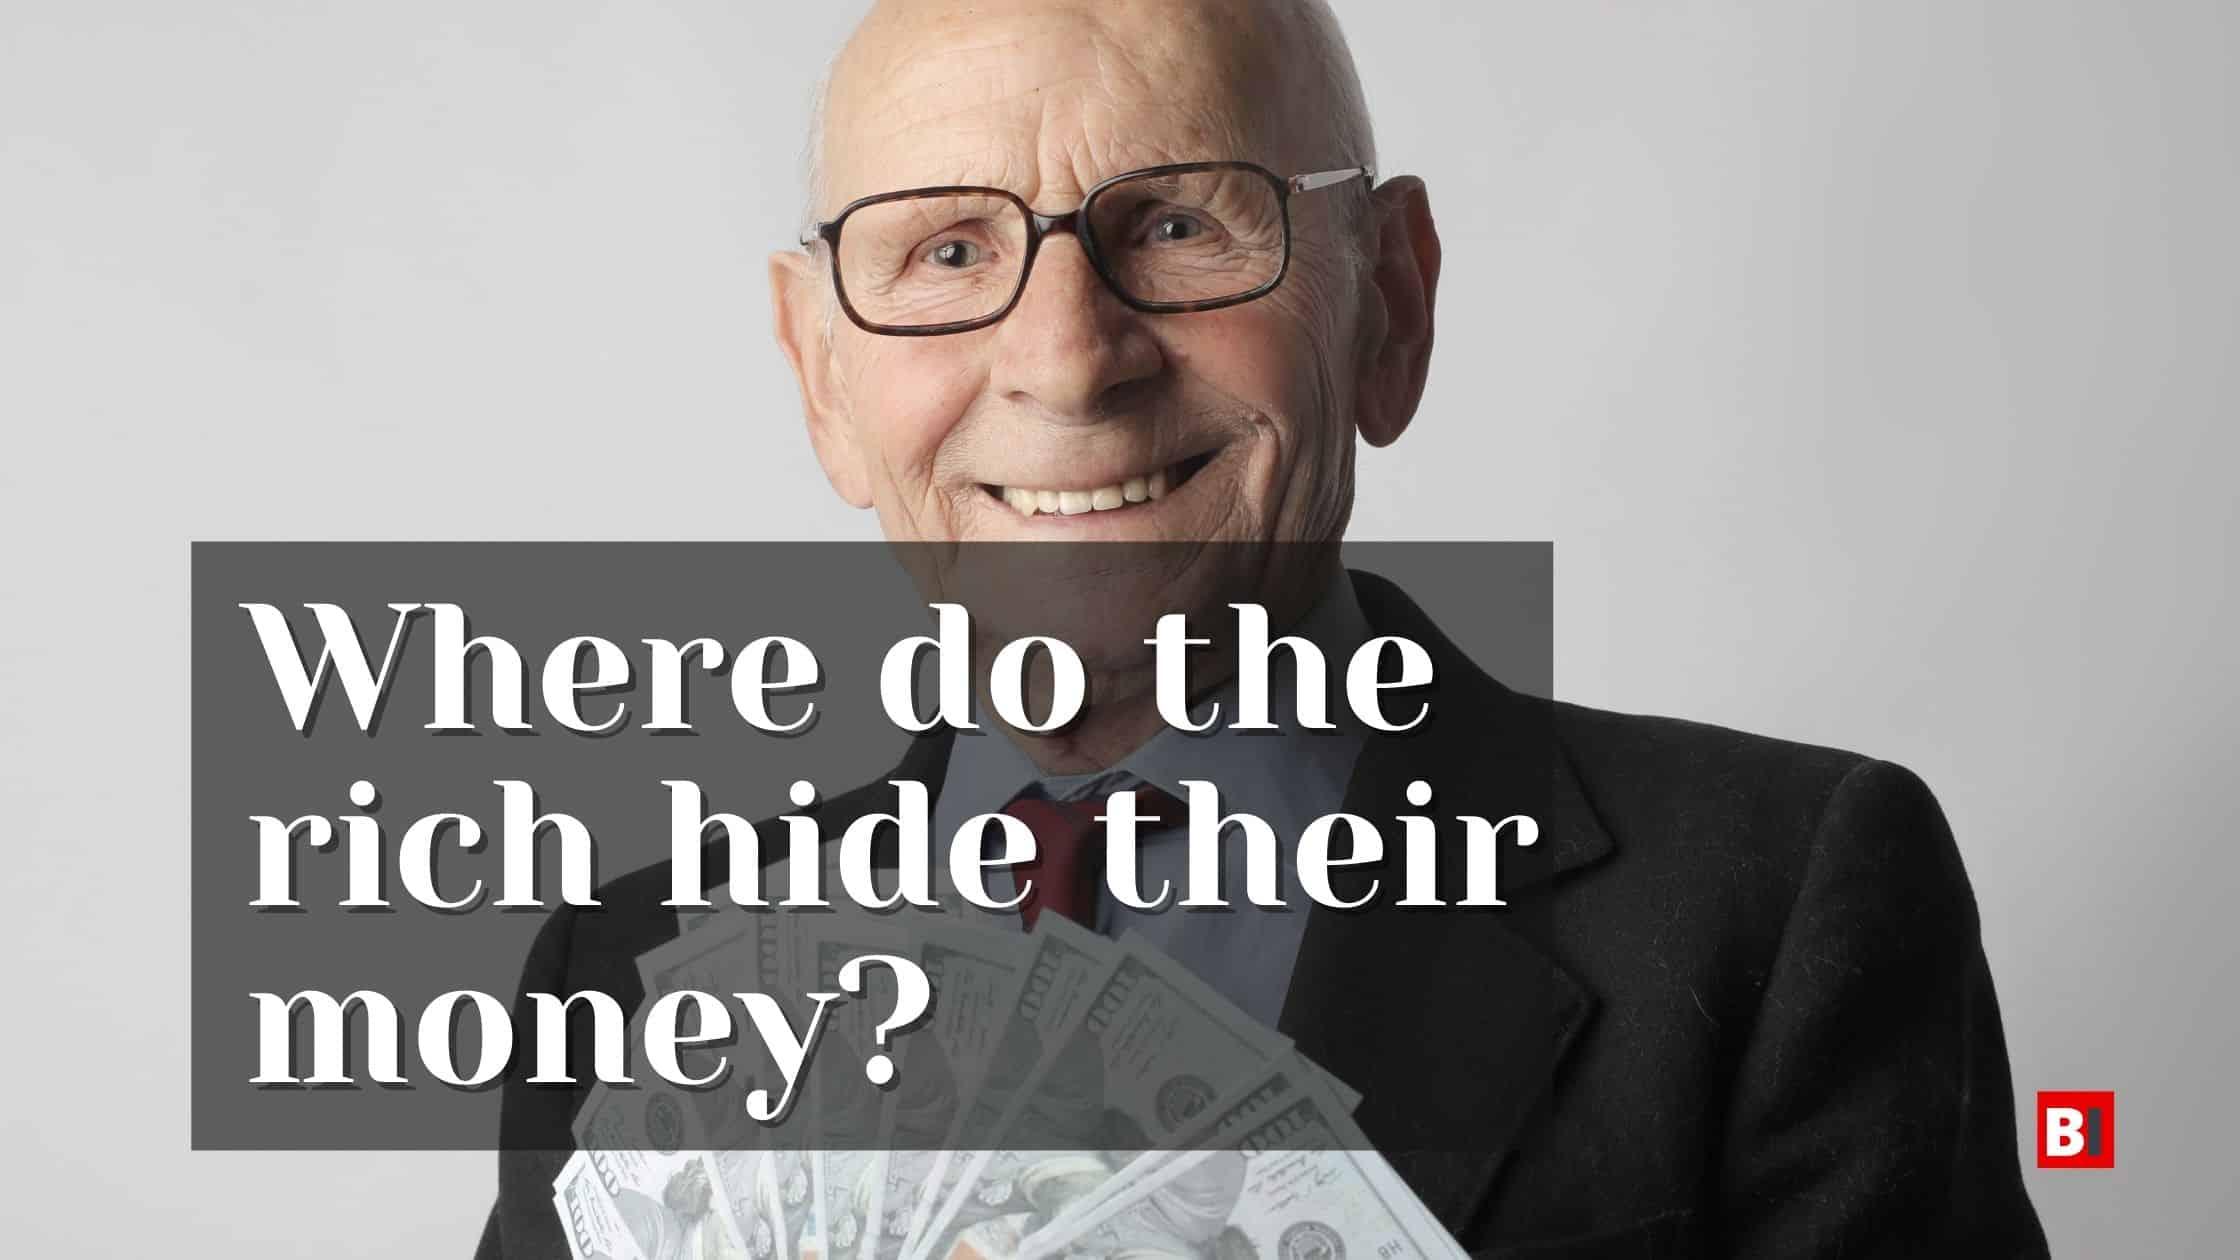 Where do the rich hide their money?